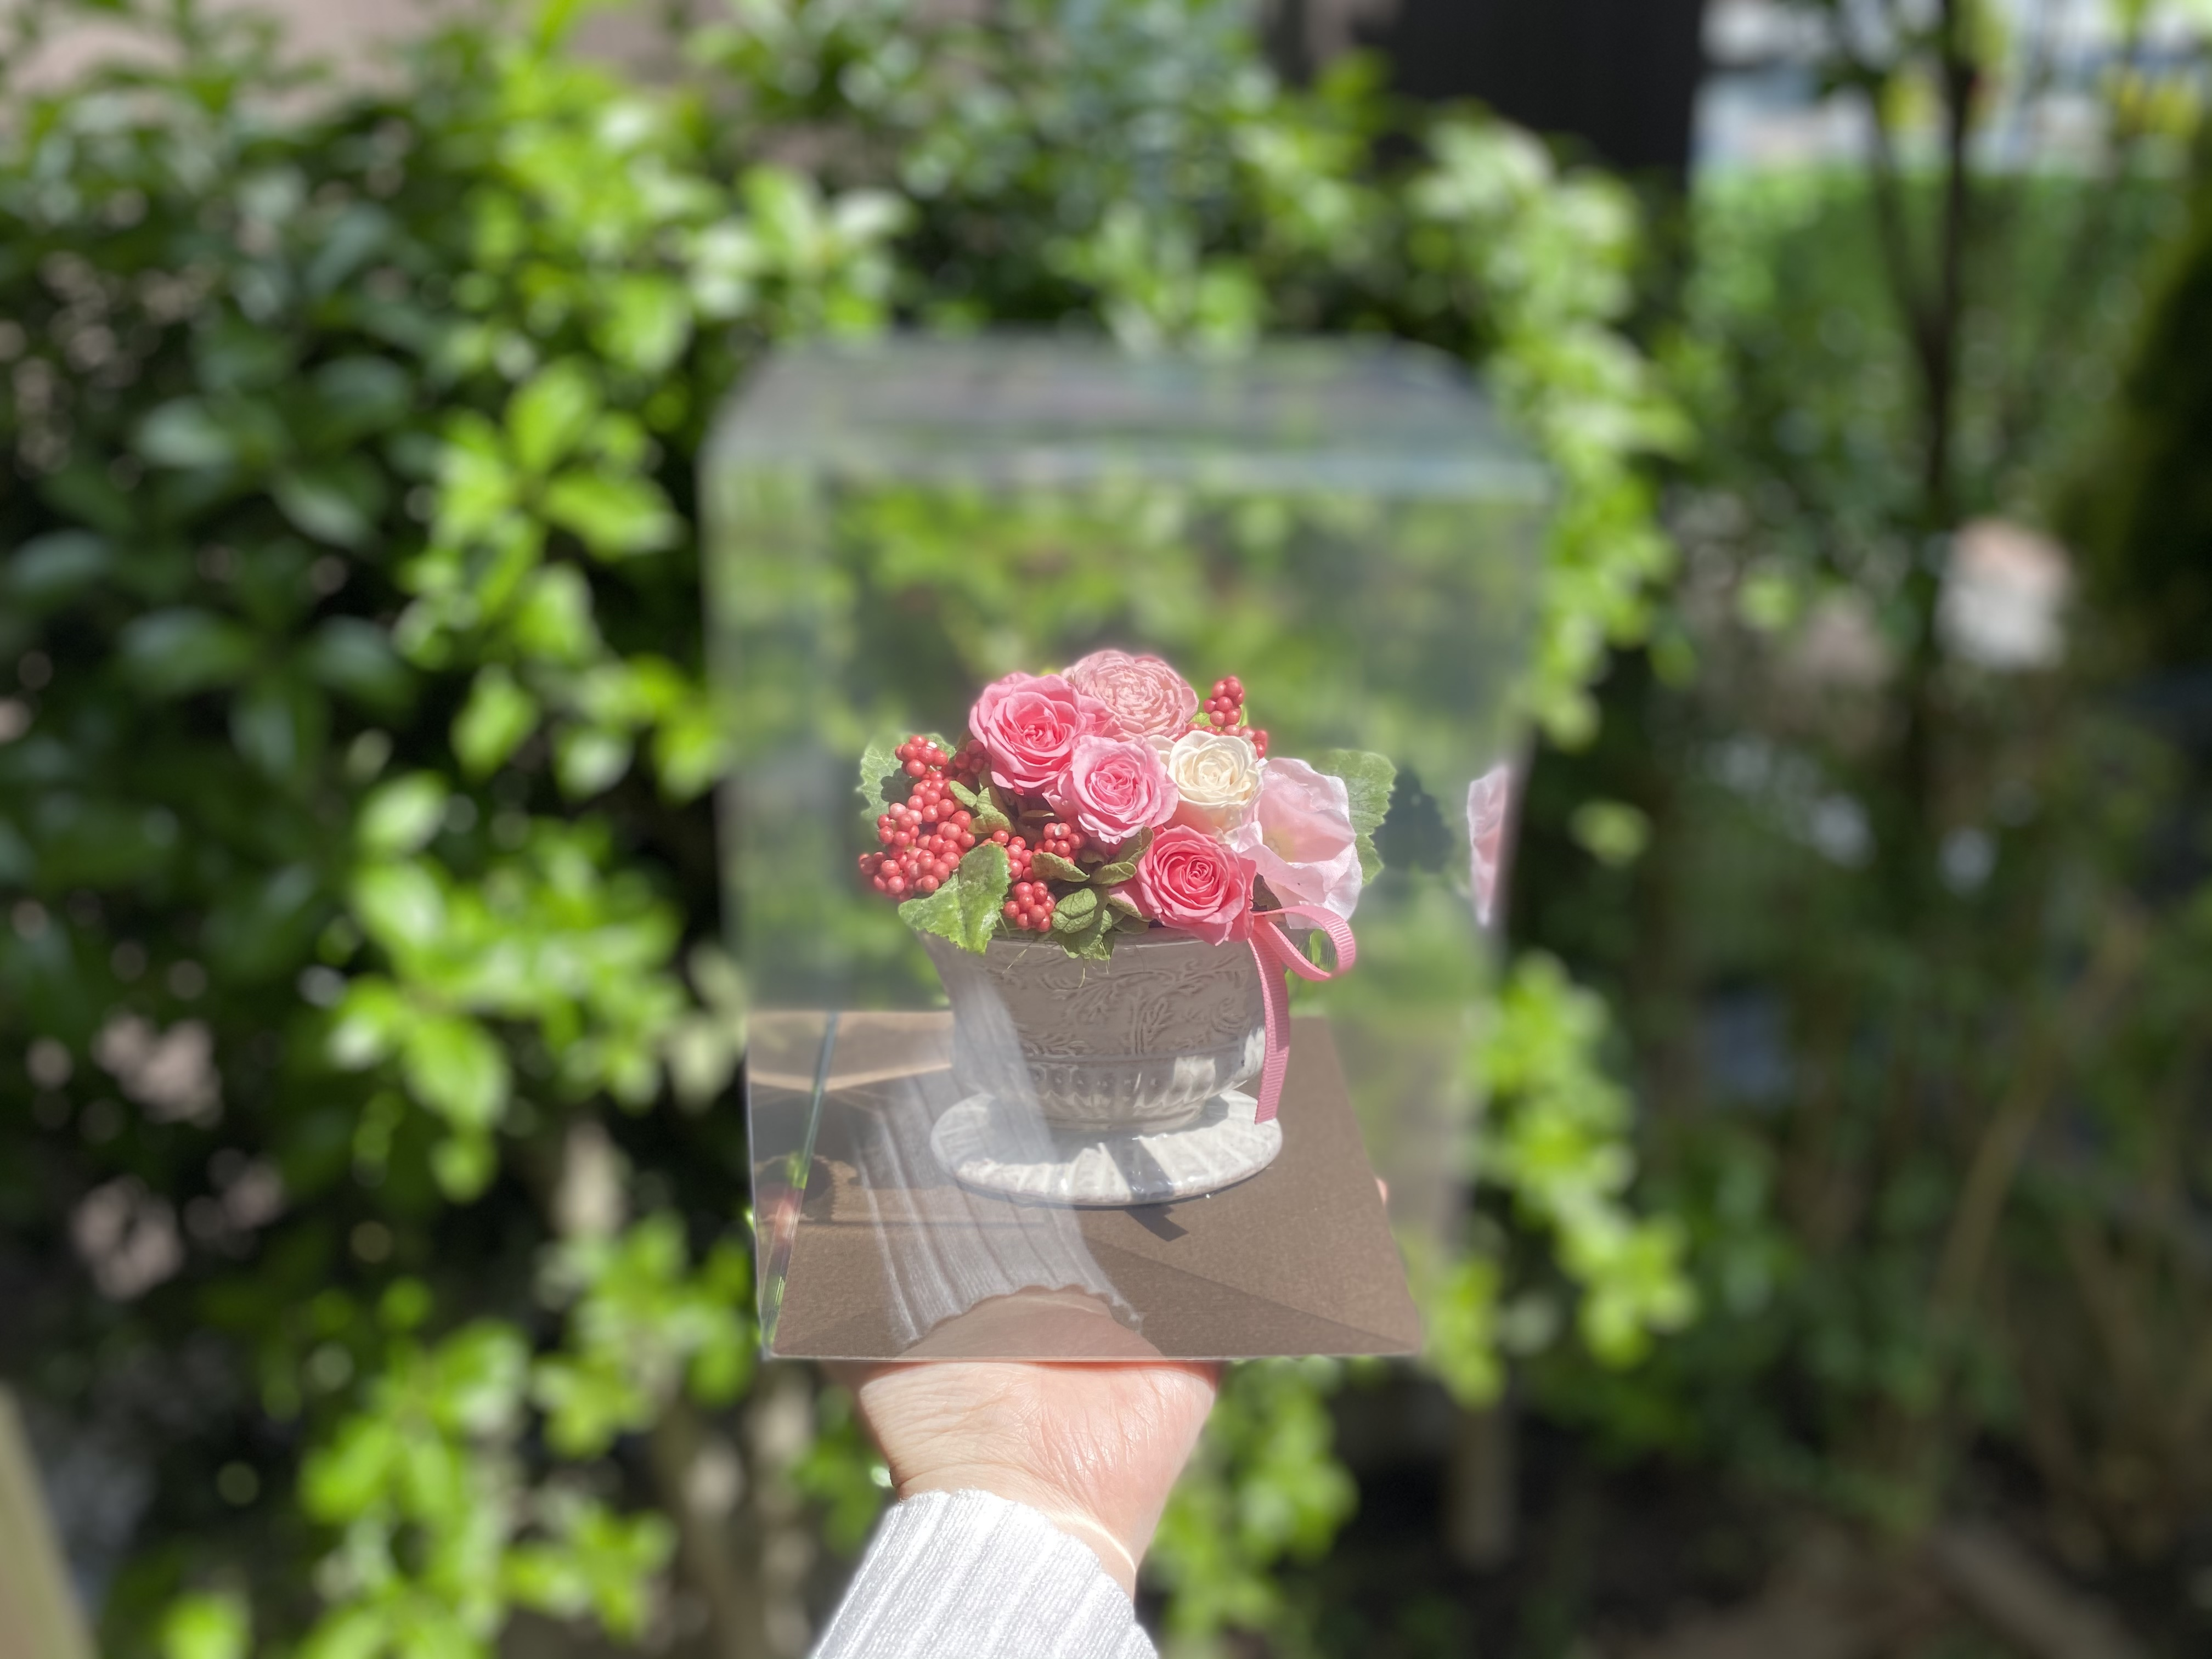 母の日に贈りたい!かわいい華やかなプリザーブドフラワー_2